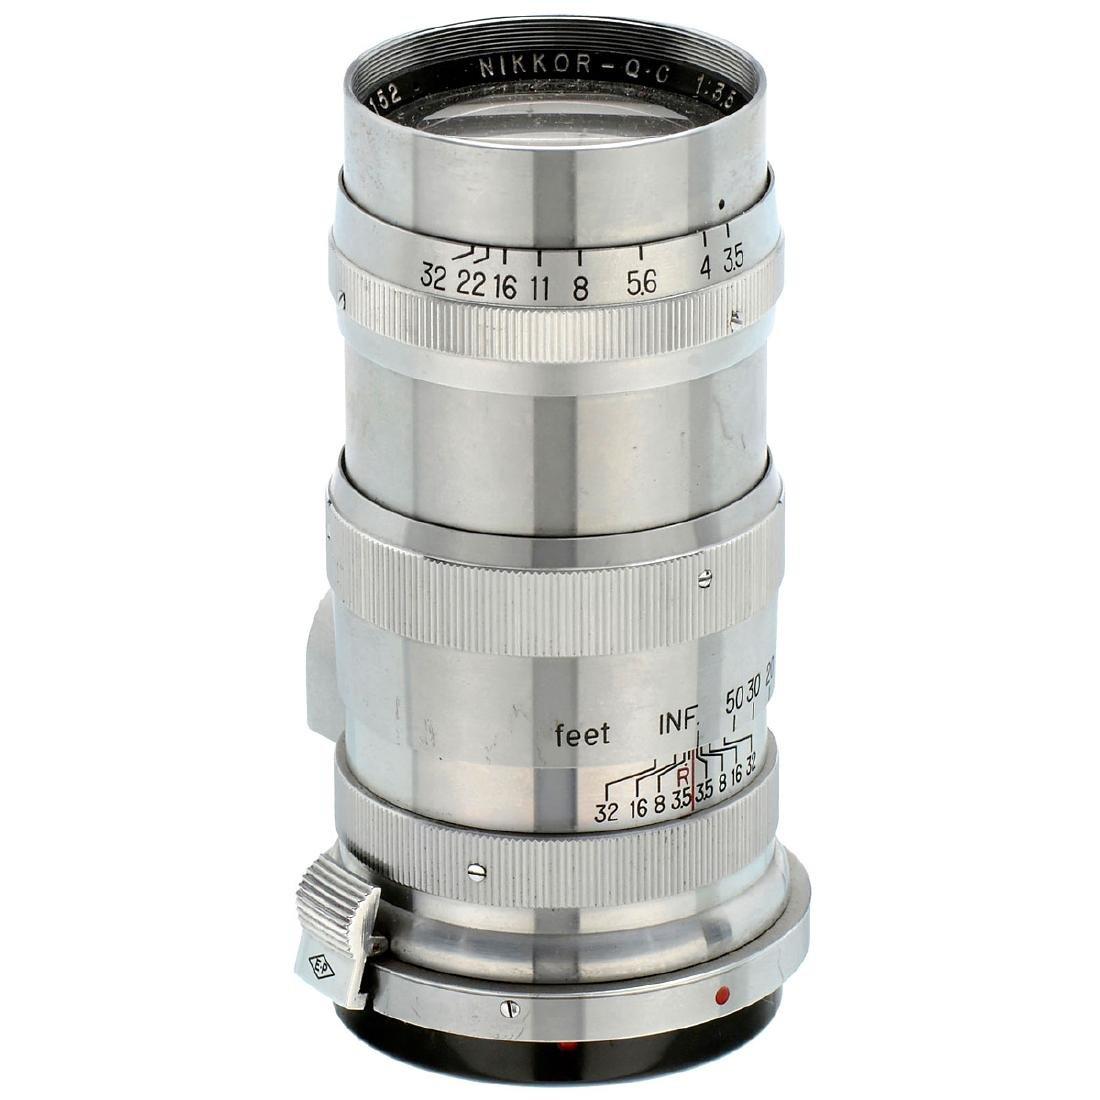 Nikkor-Q.C. 3,5/13,5 cm